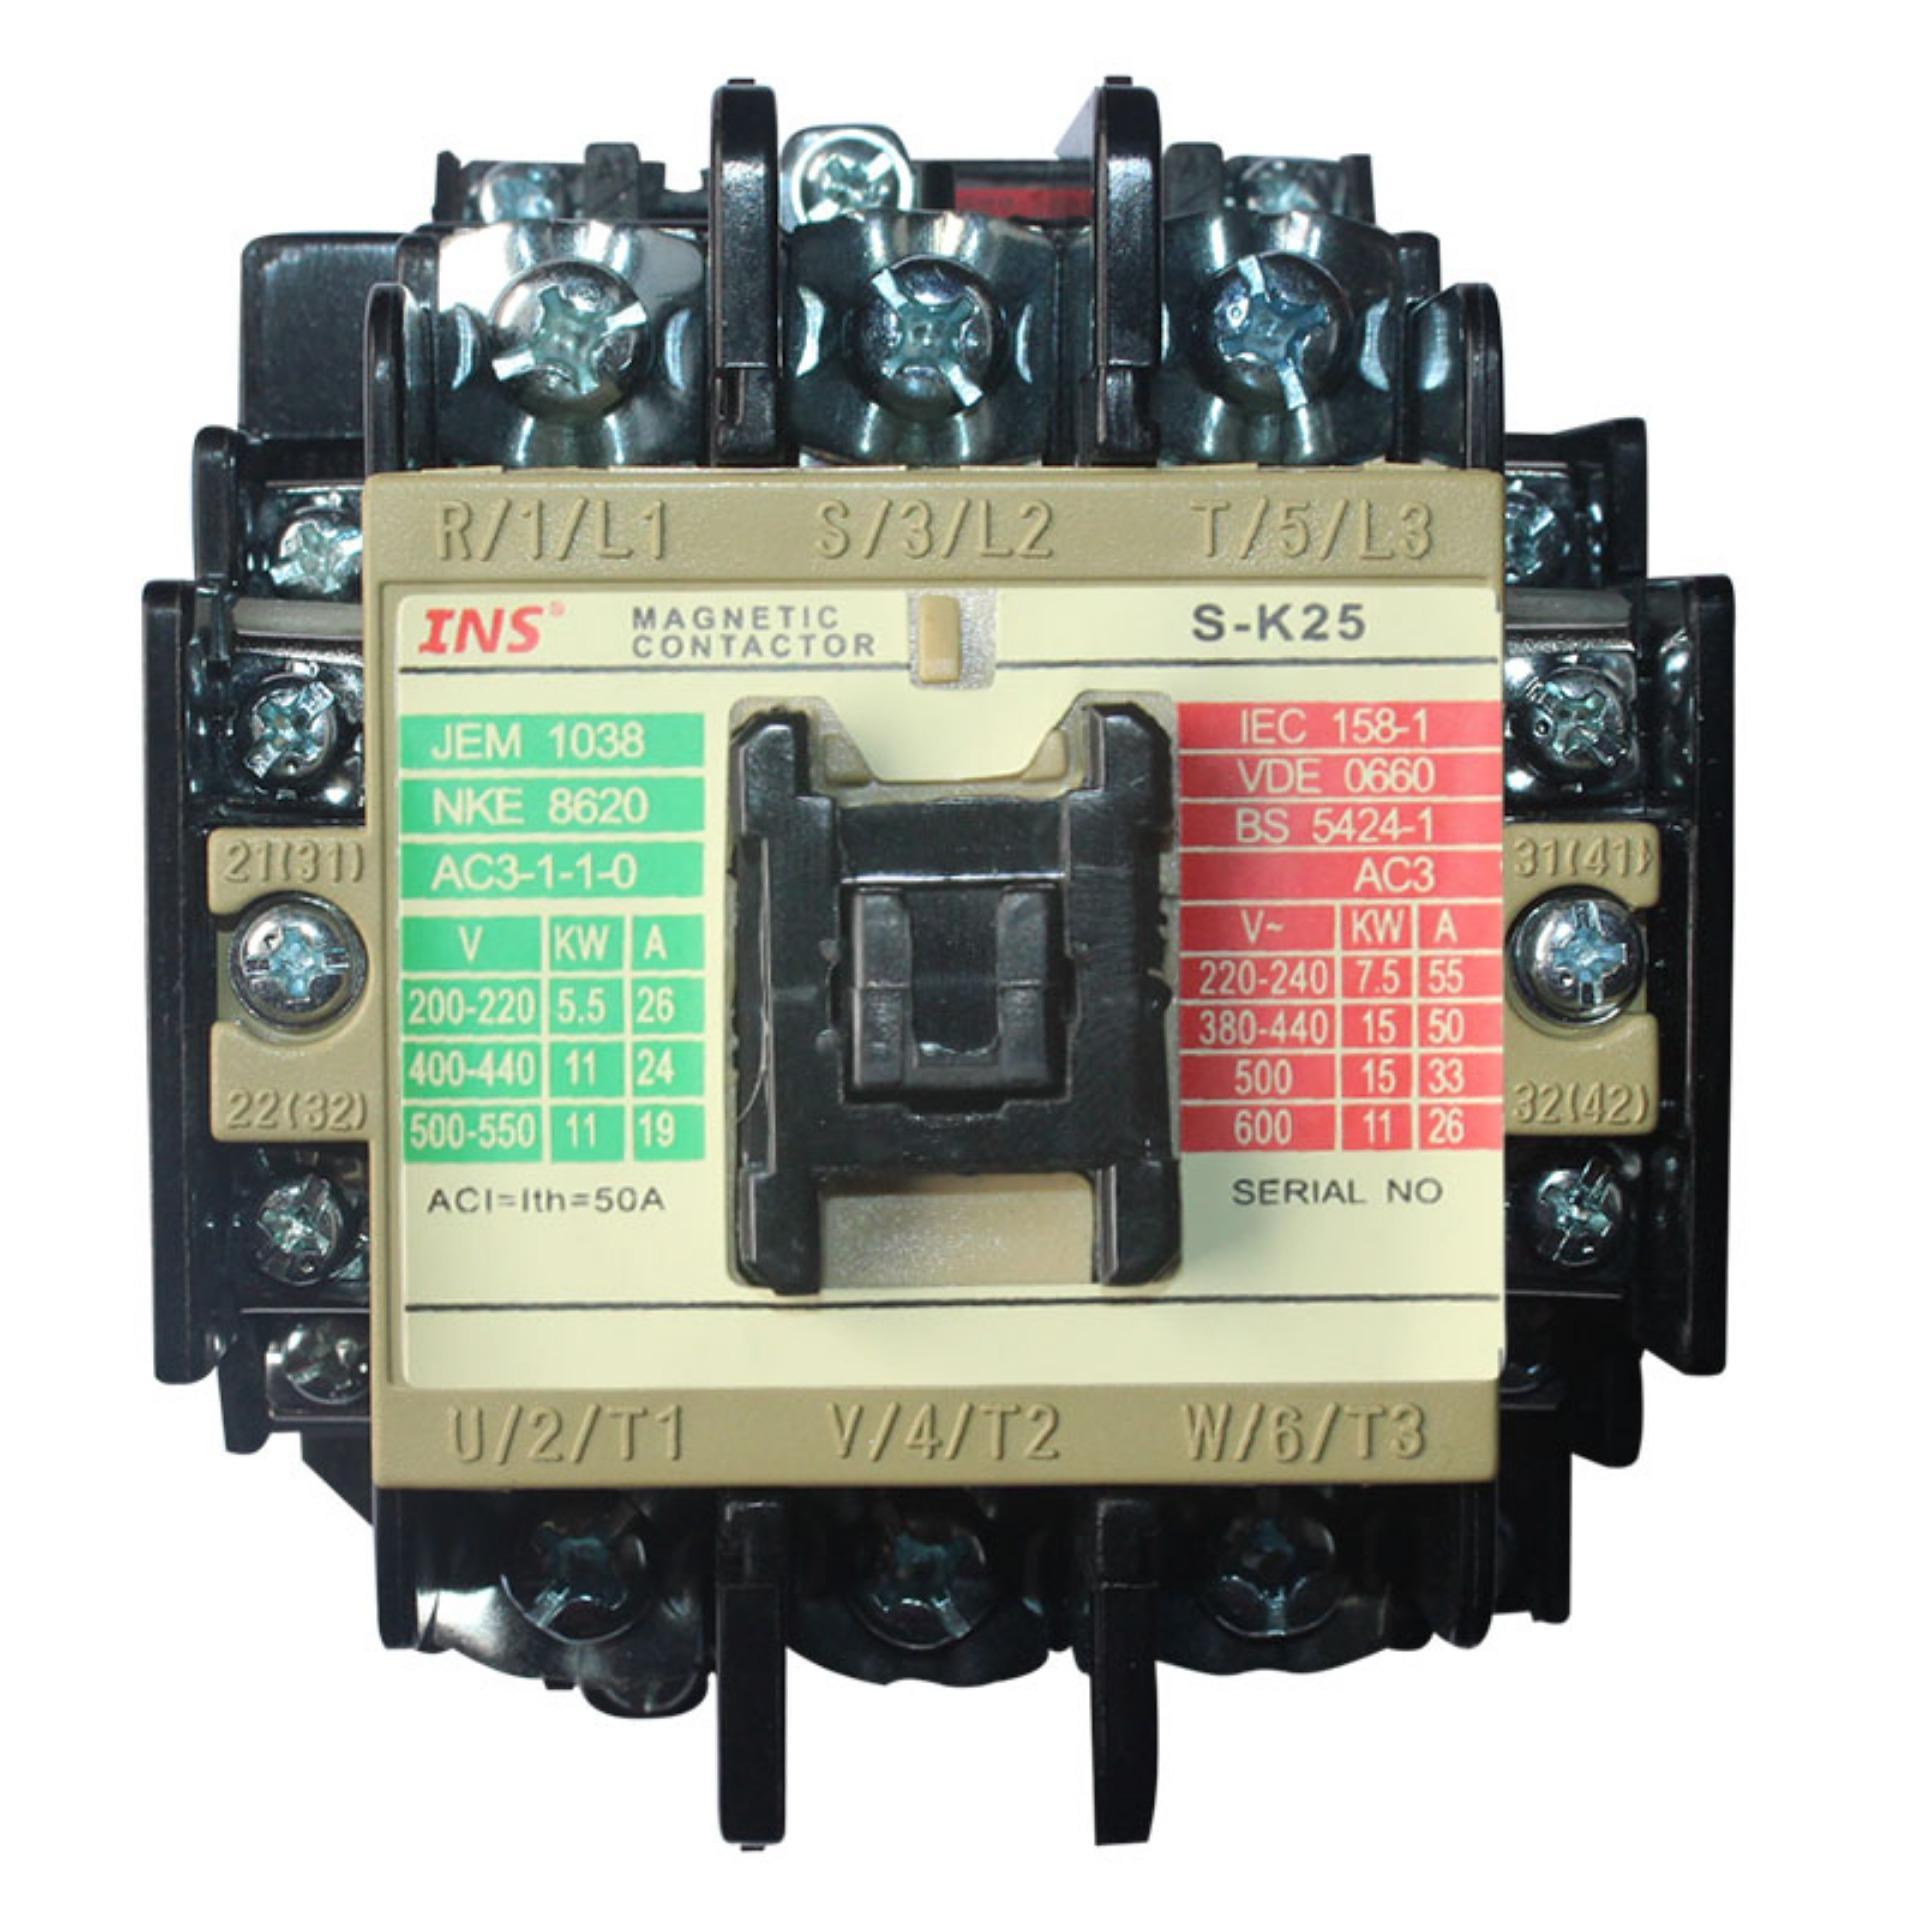 Jual Eelic Com Sk25 Contactor Ac Magnetic 3P Ac 50A 220V 380V 440V 50 60 Hz Coil Antik